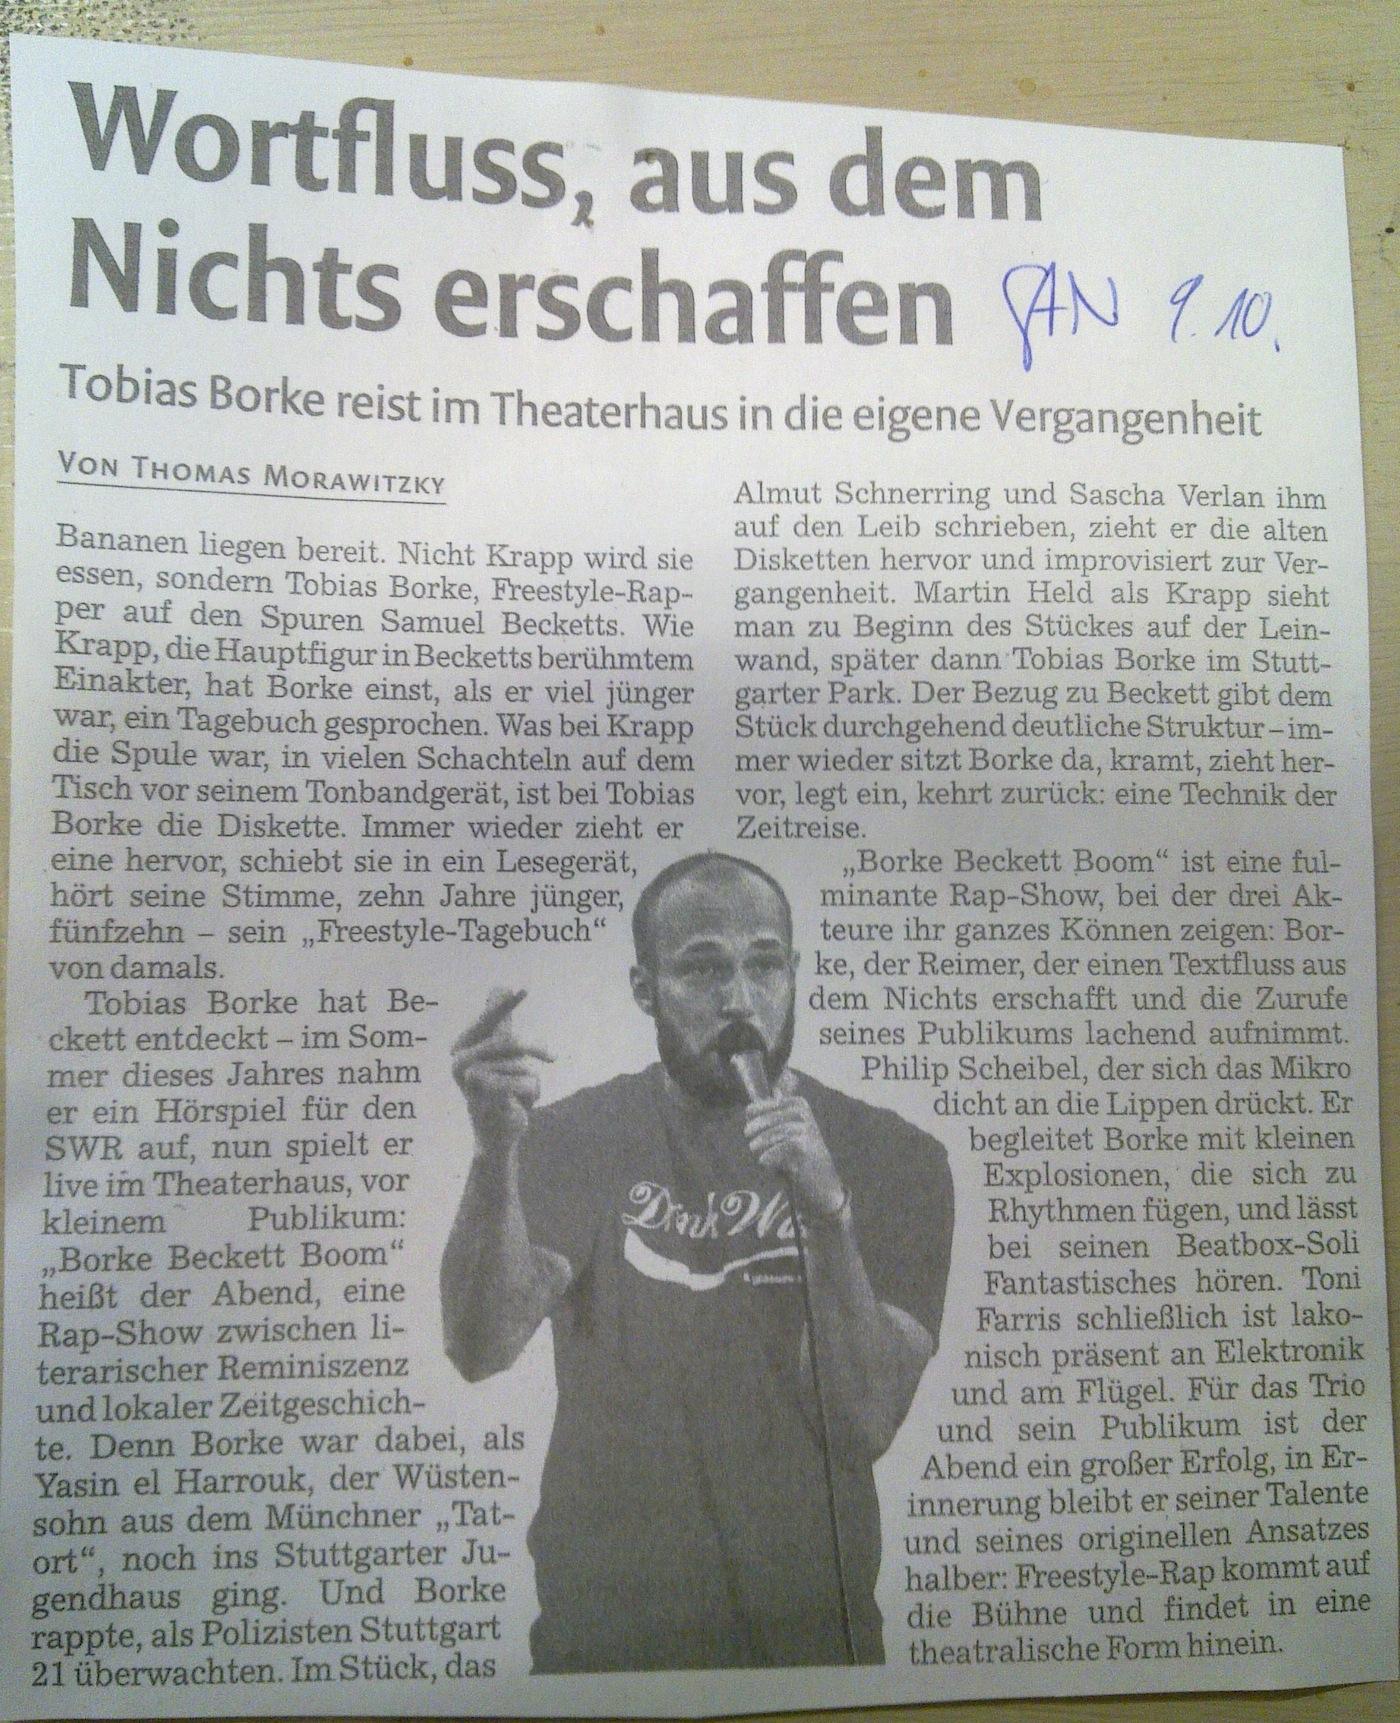 Borke-Becket-Boom, Stuttgarter Nachrichten, 9.10.14